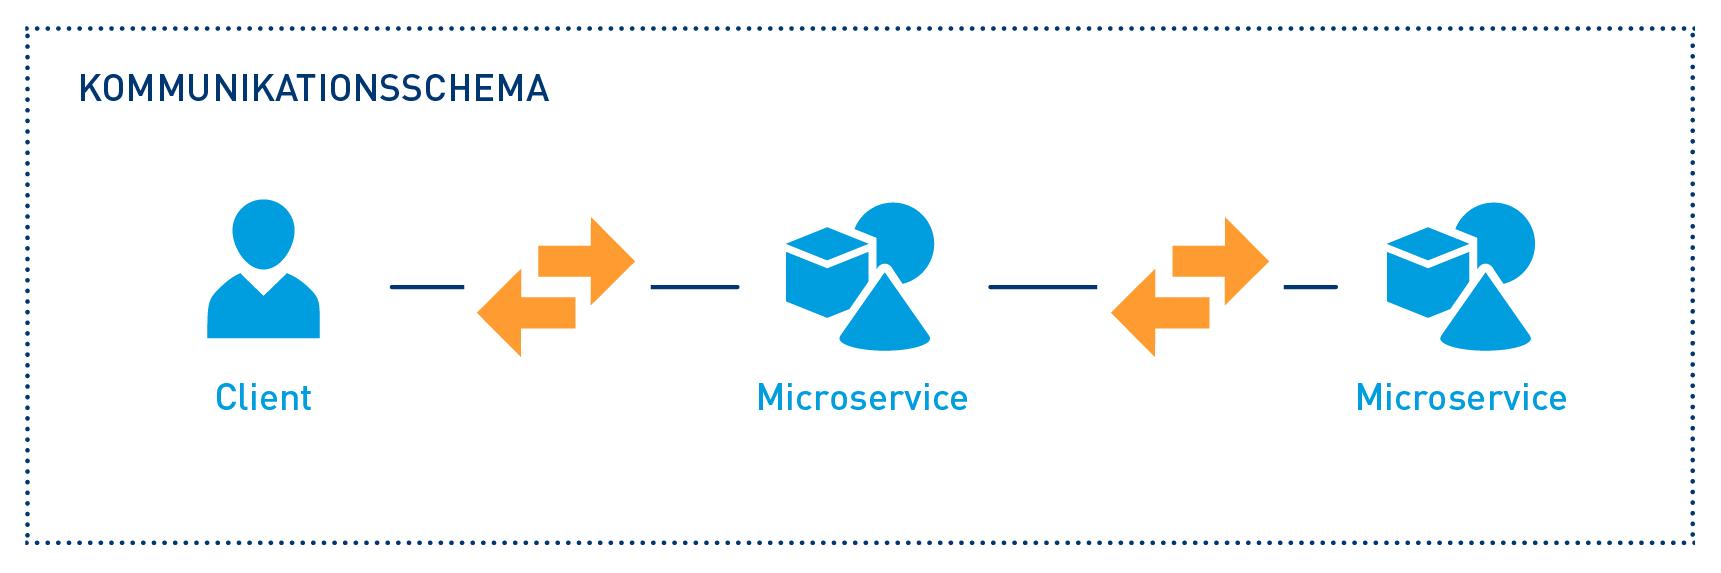 Das Kommunikationsschema der Microservices